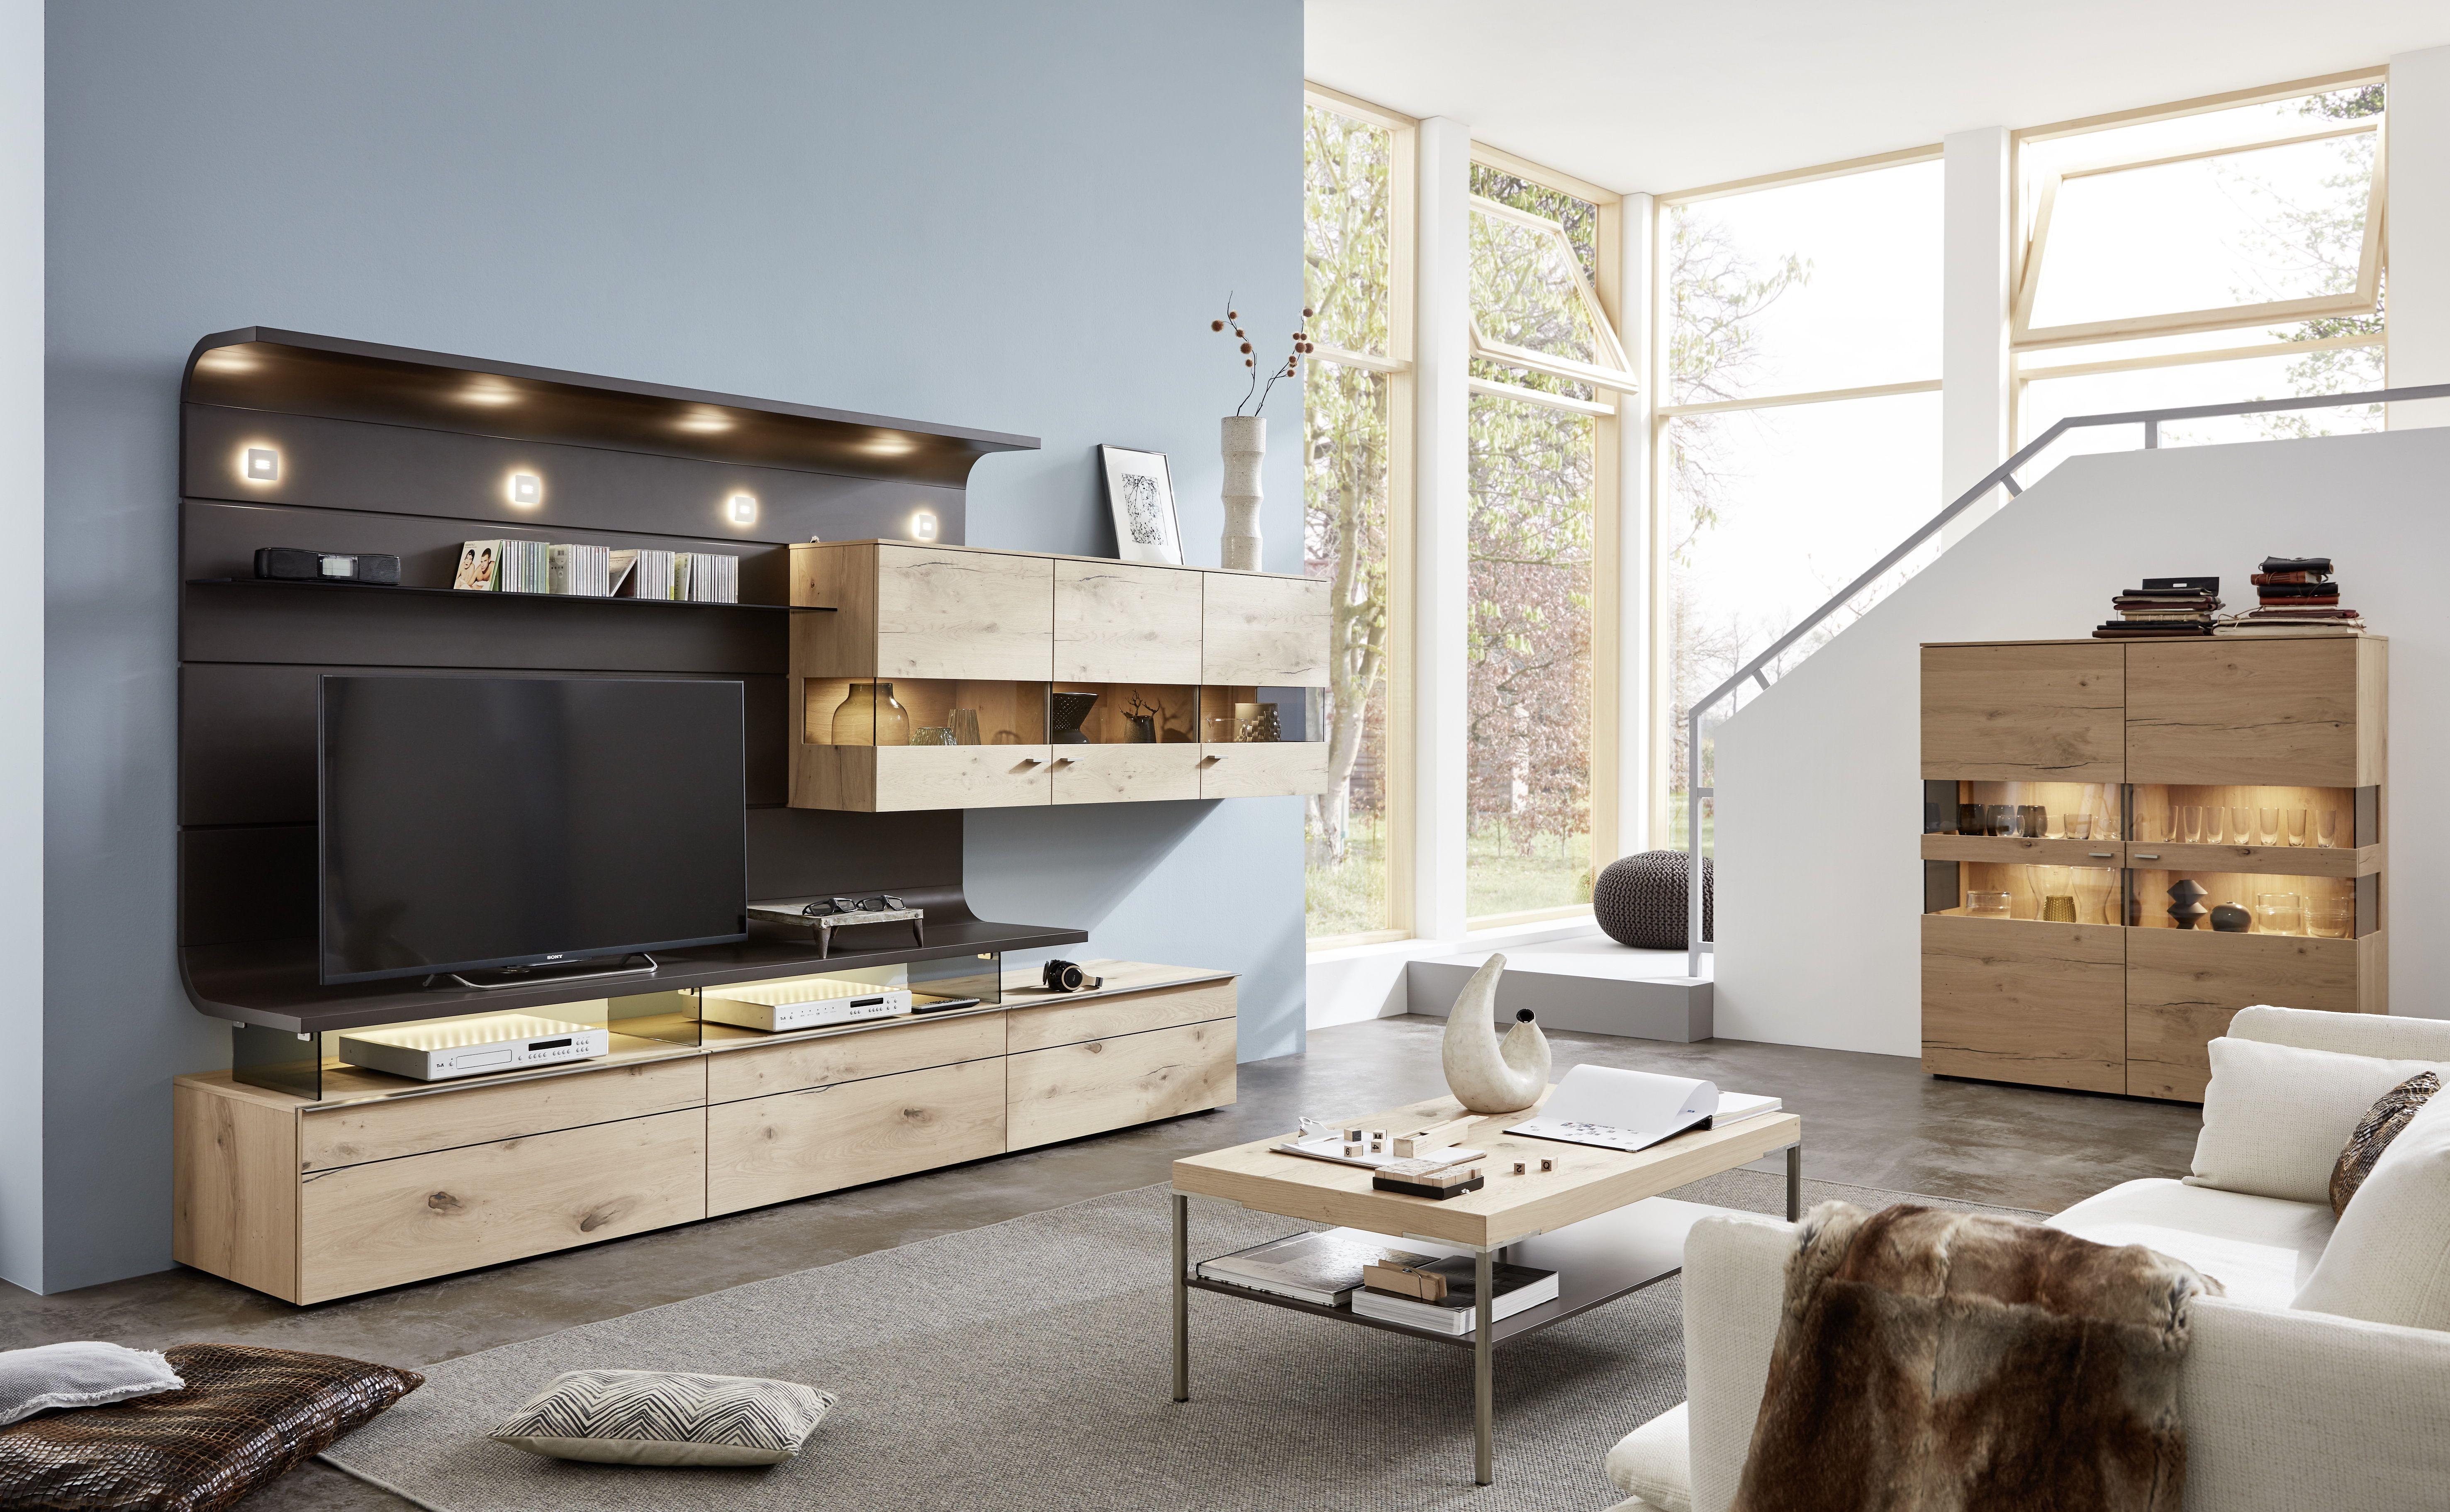 Wohnprogramm Treviso Möbel Madeingermany Furniture Gwinner